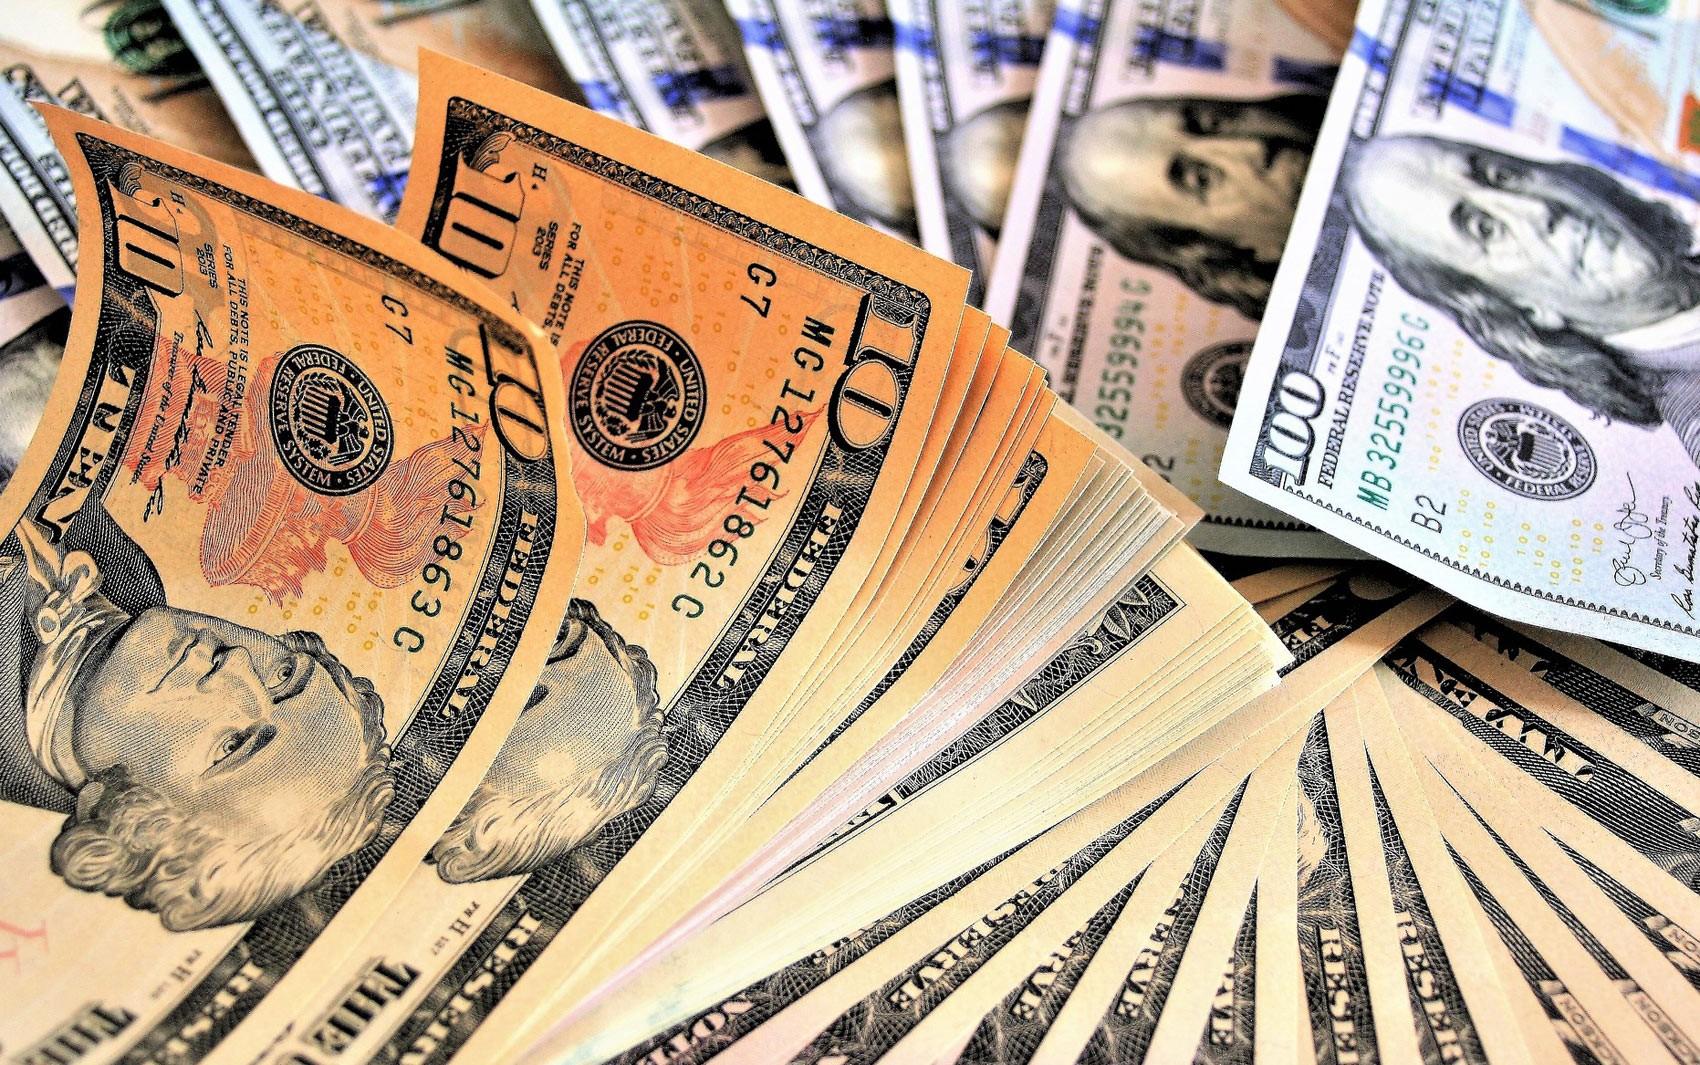 Dólar fecha em alta monitorando guerra comercial entre EUA e China - Notícias - Plantão Diário